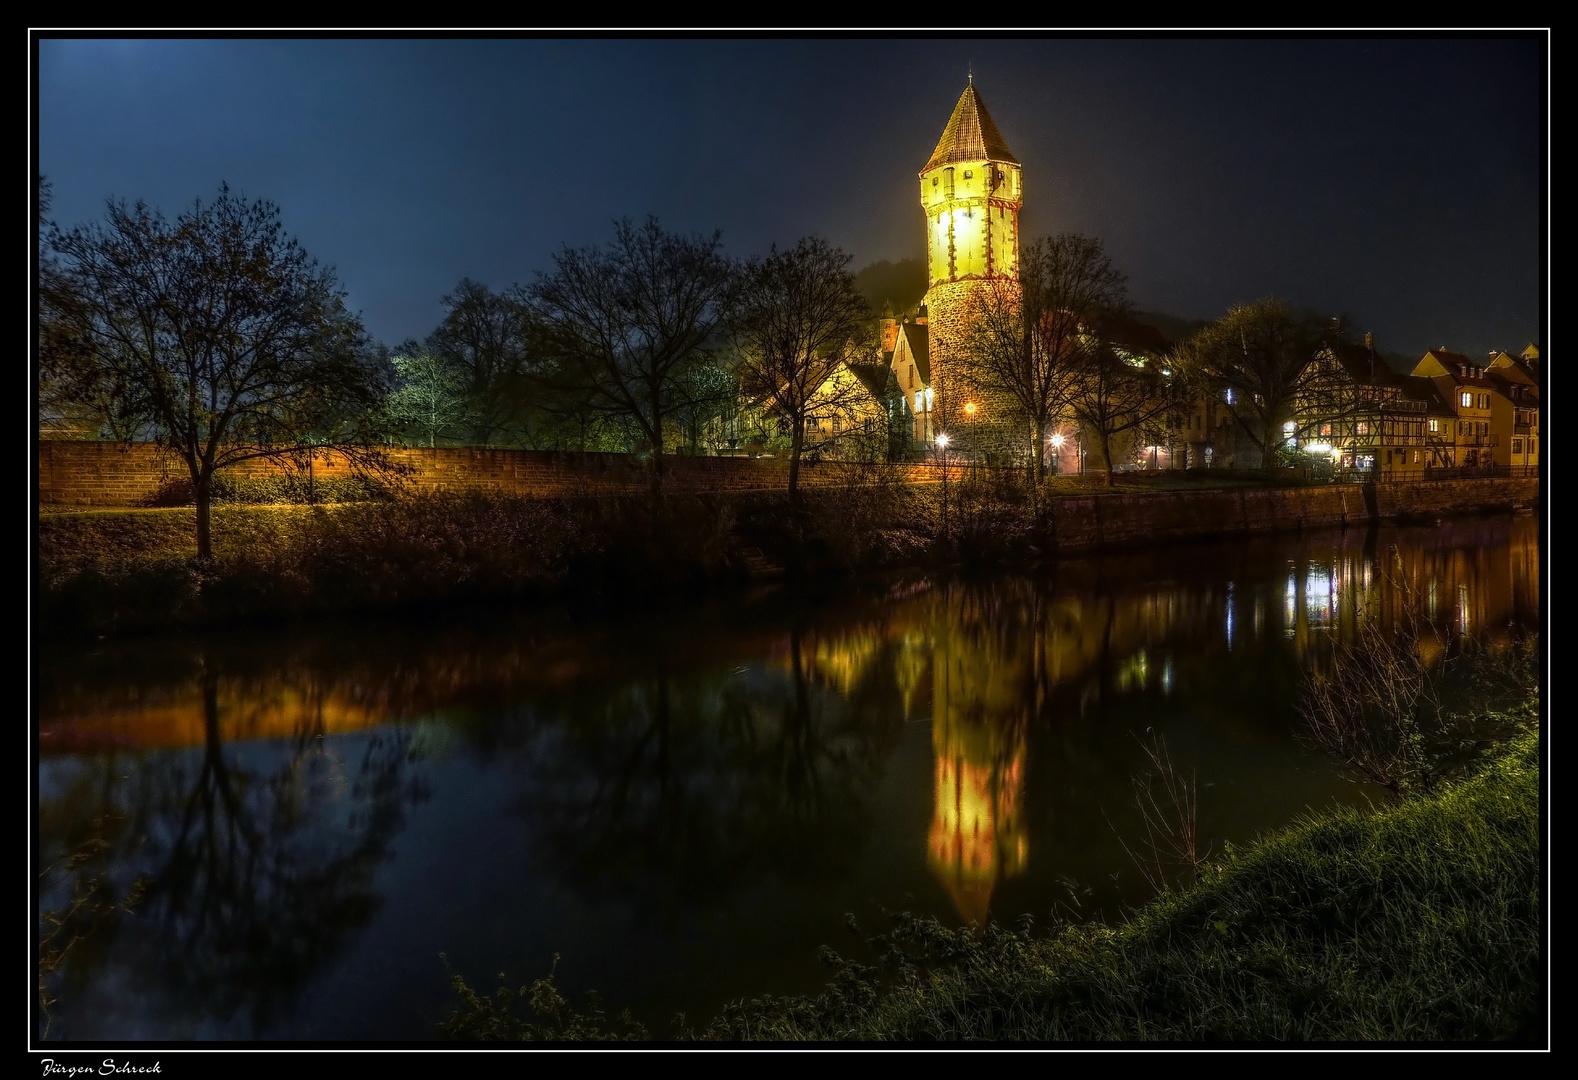 Spitzer Turm in Wertheim spiegelt in der Tauber